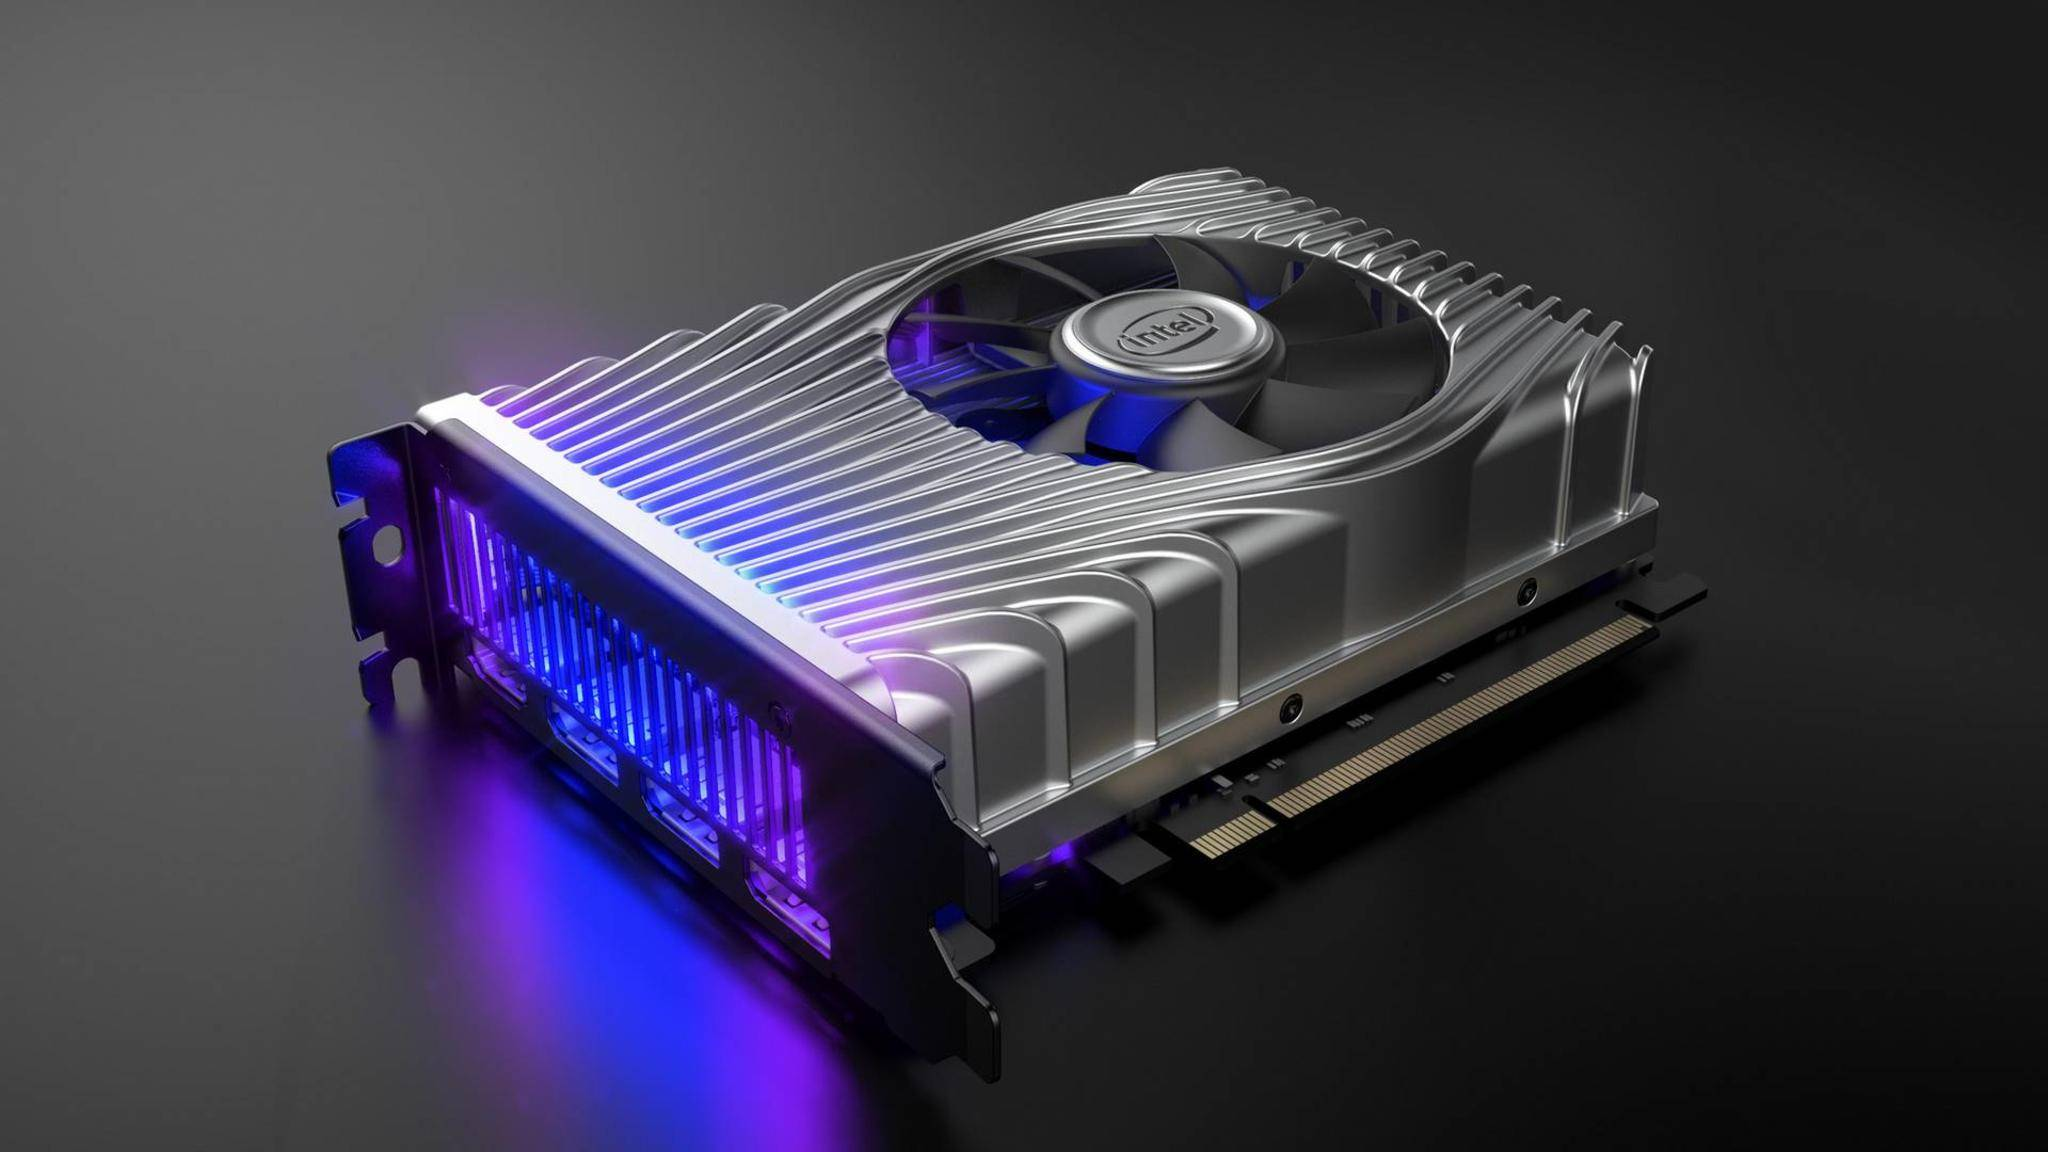 Die Intel DG1 ist eine recht kleine Grafikkarte.